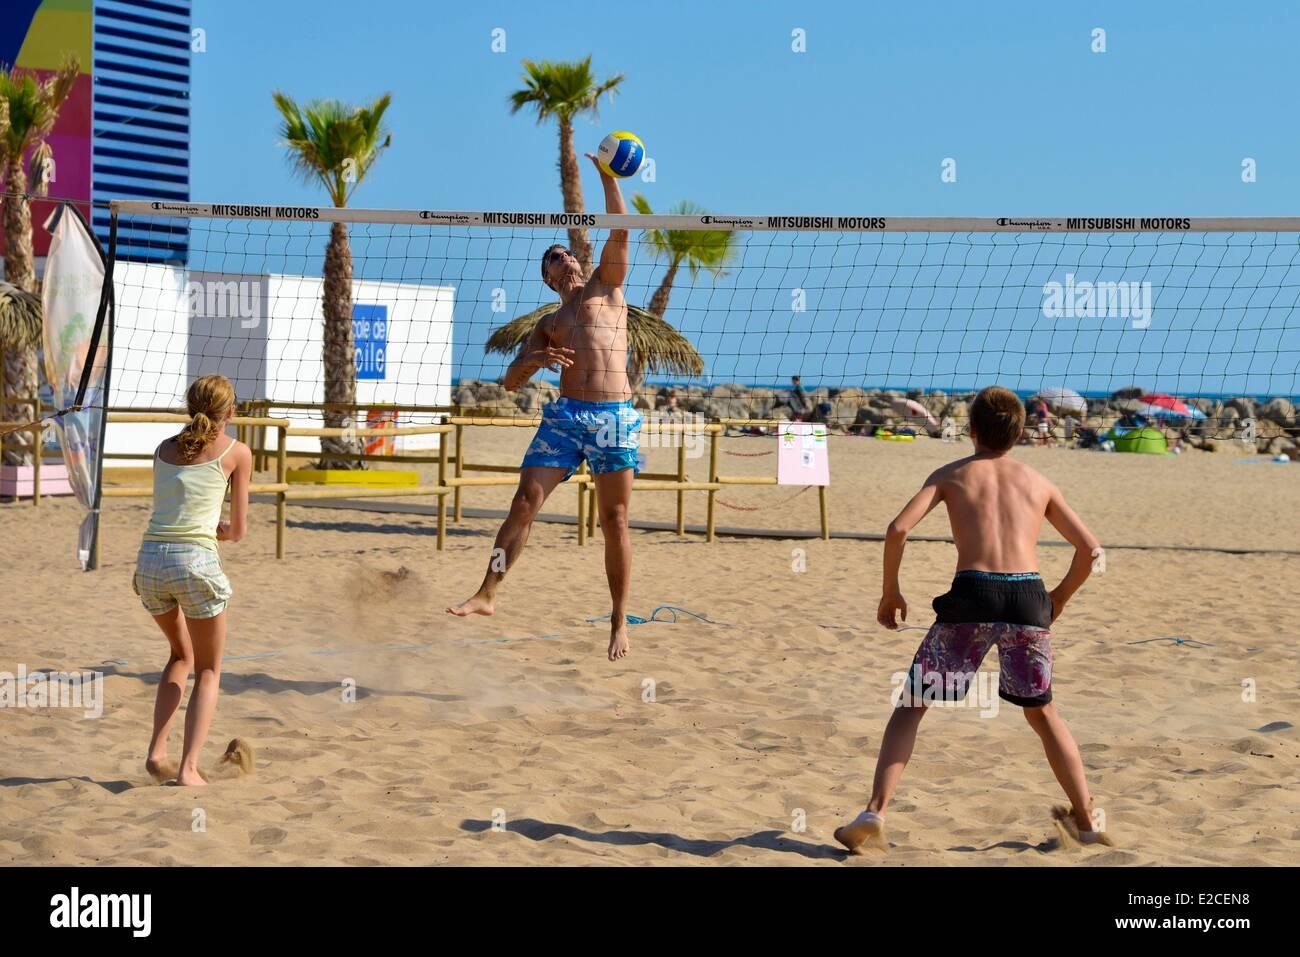 Francia, Herault, Valras Plage, partido de voleibol en la playa Foto de stock